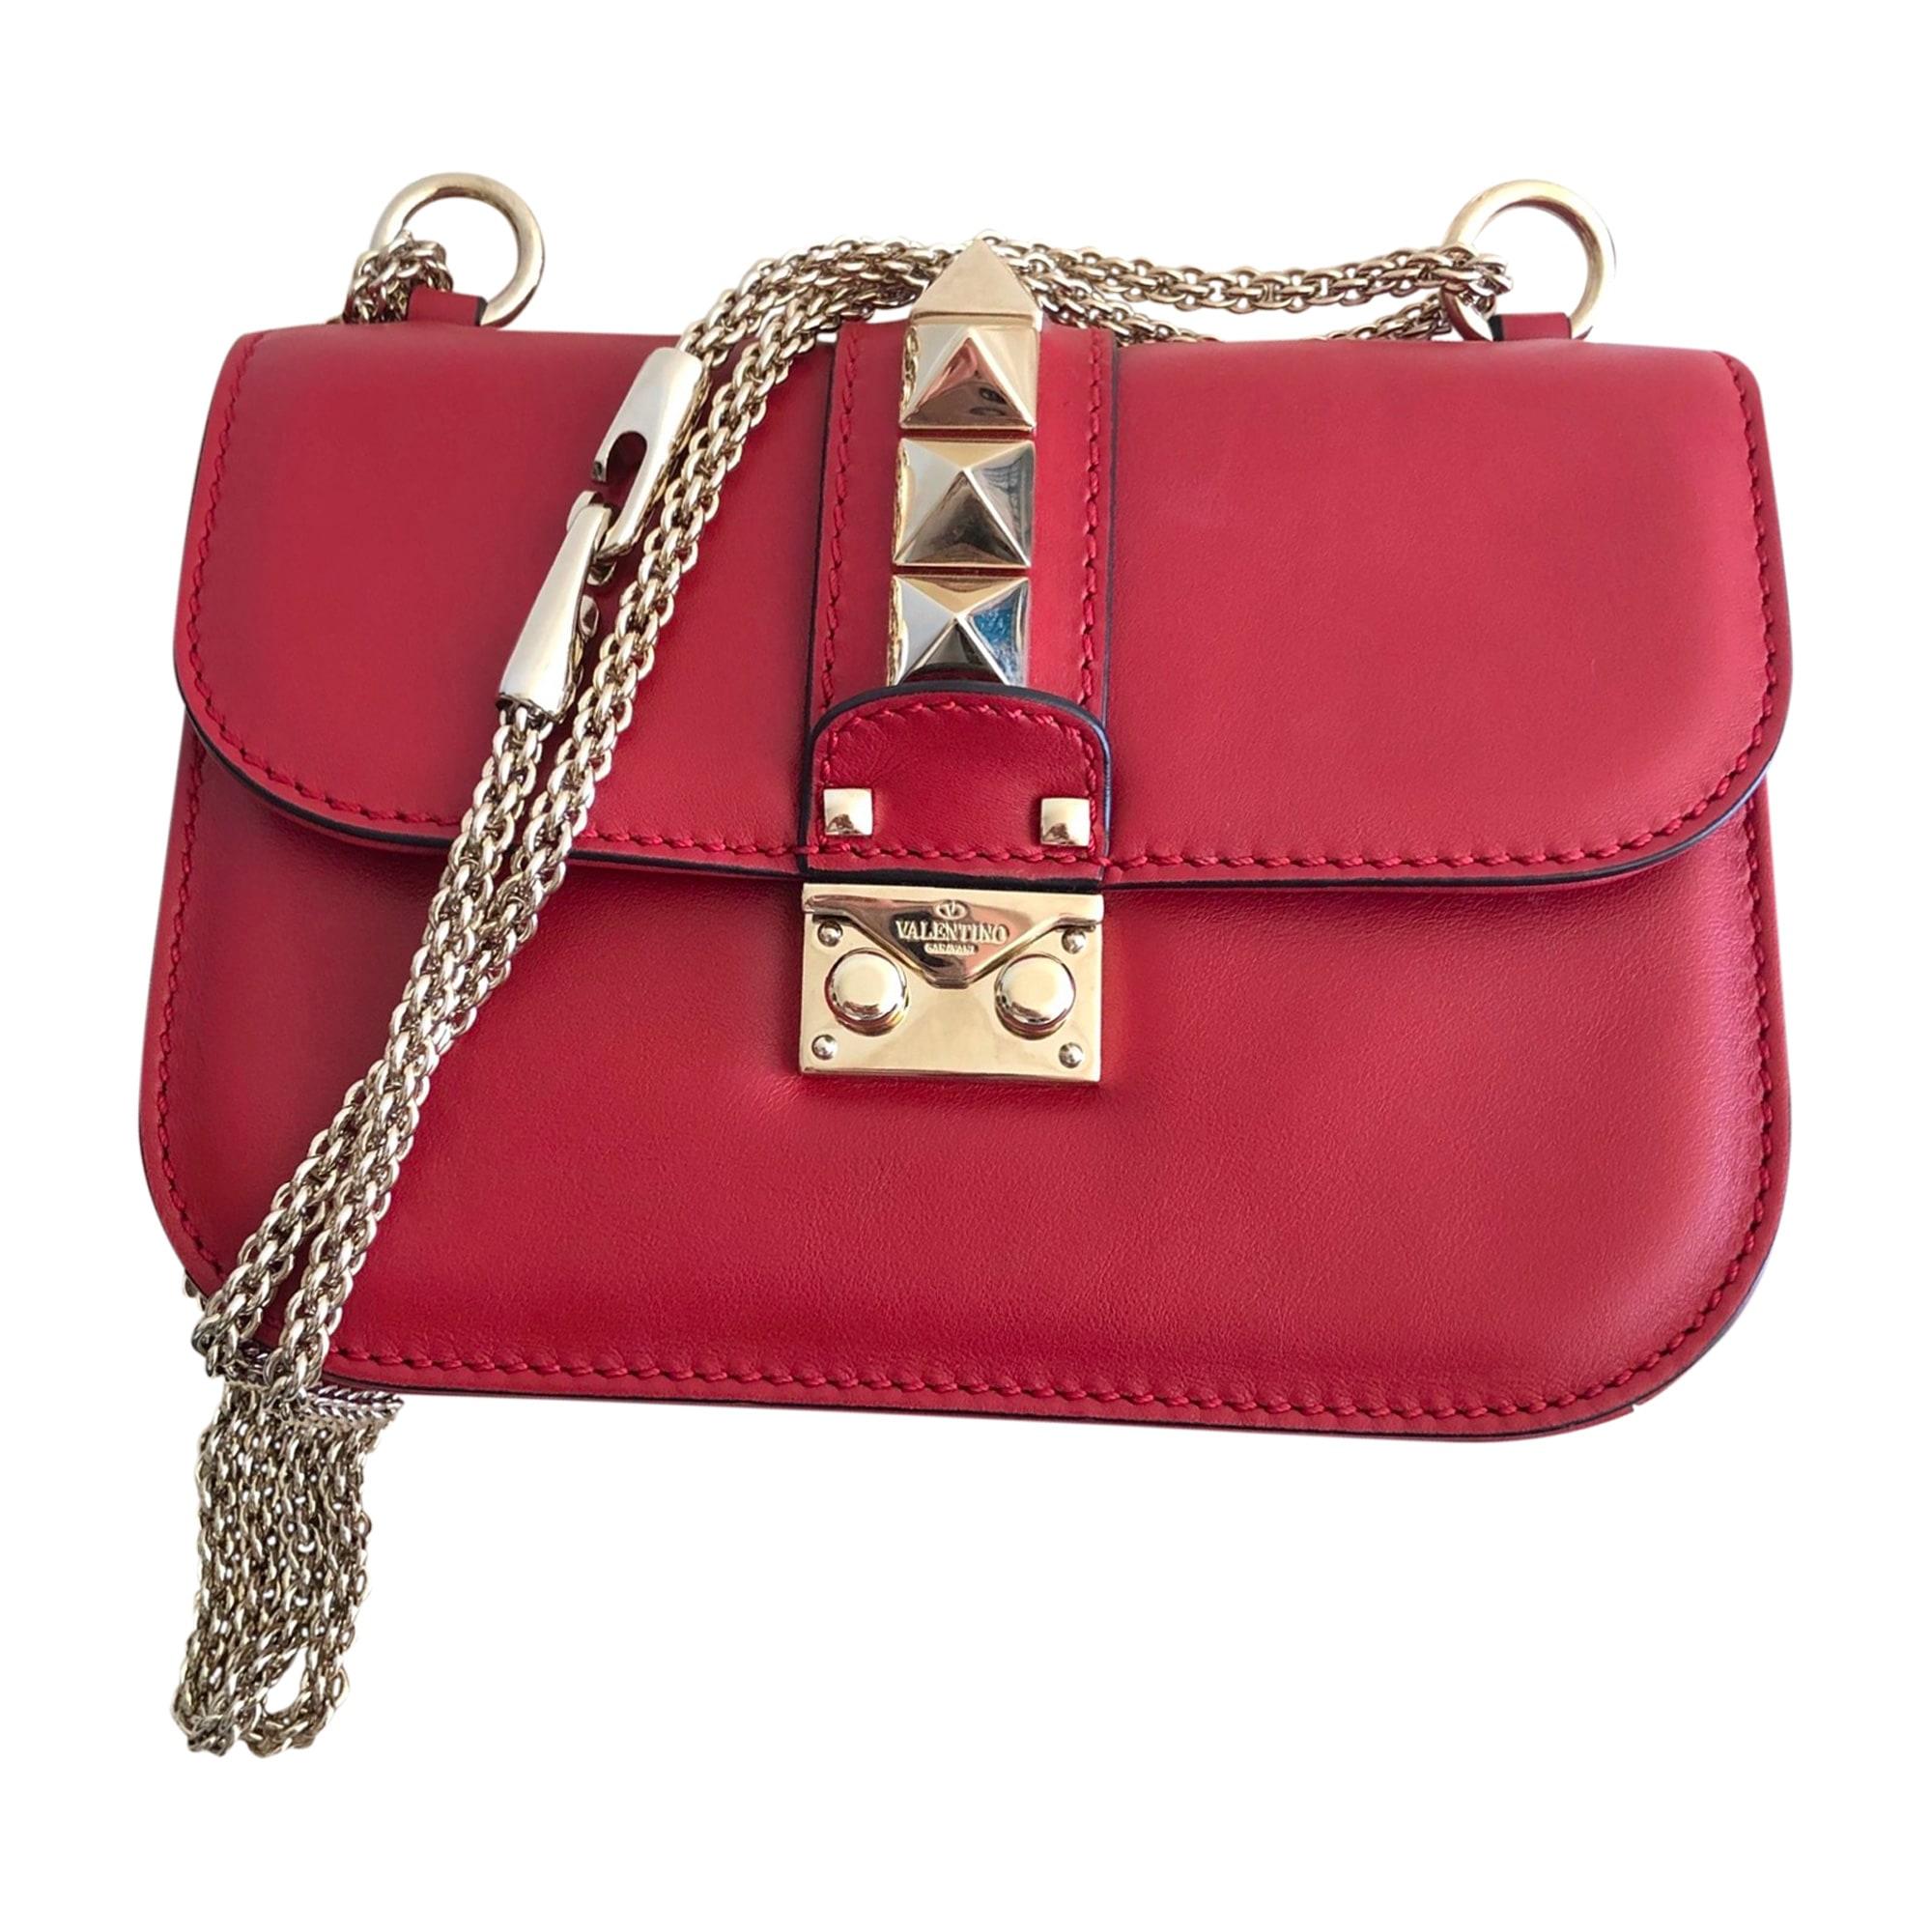 Leather Shoulder Bag VALENTINO Glam lock Red, burgundy